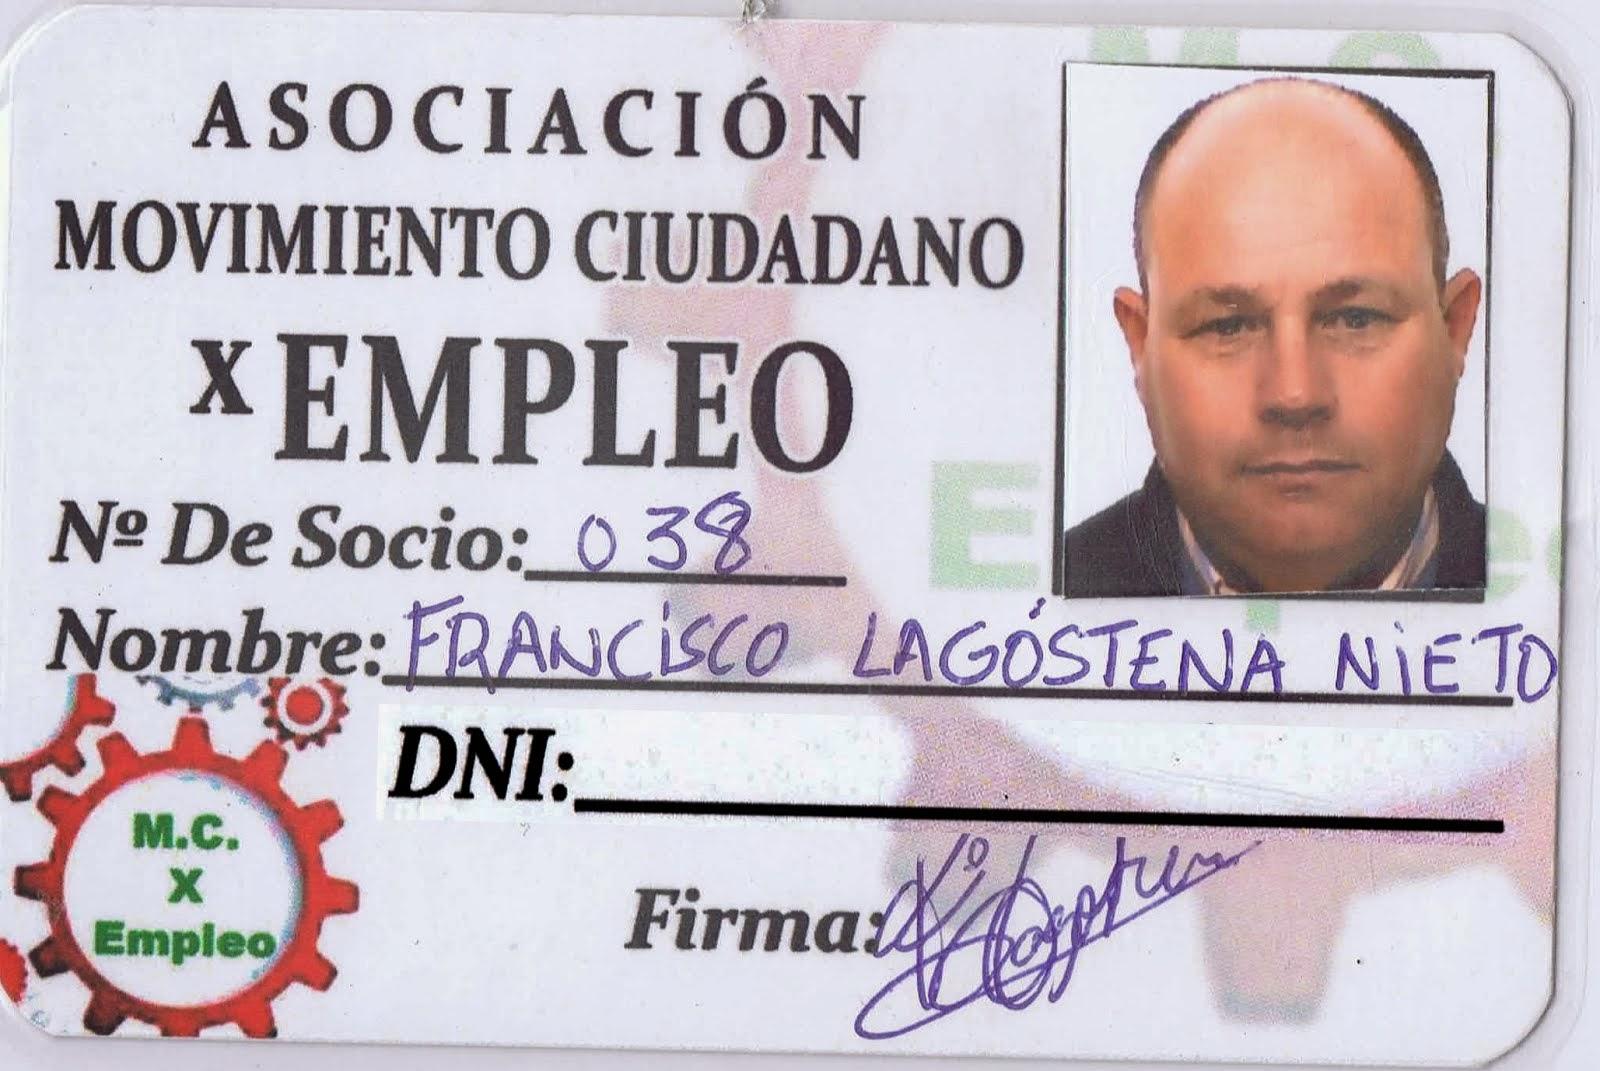 FRANCISCO LAGOSTENA NIETO